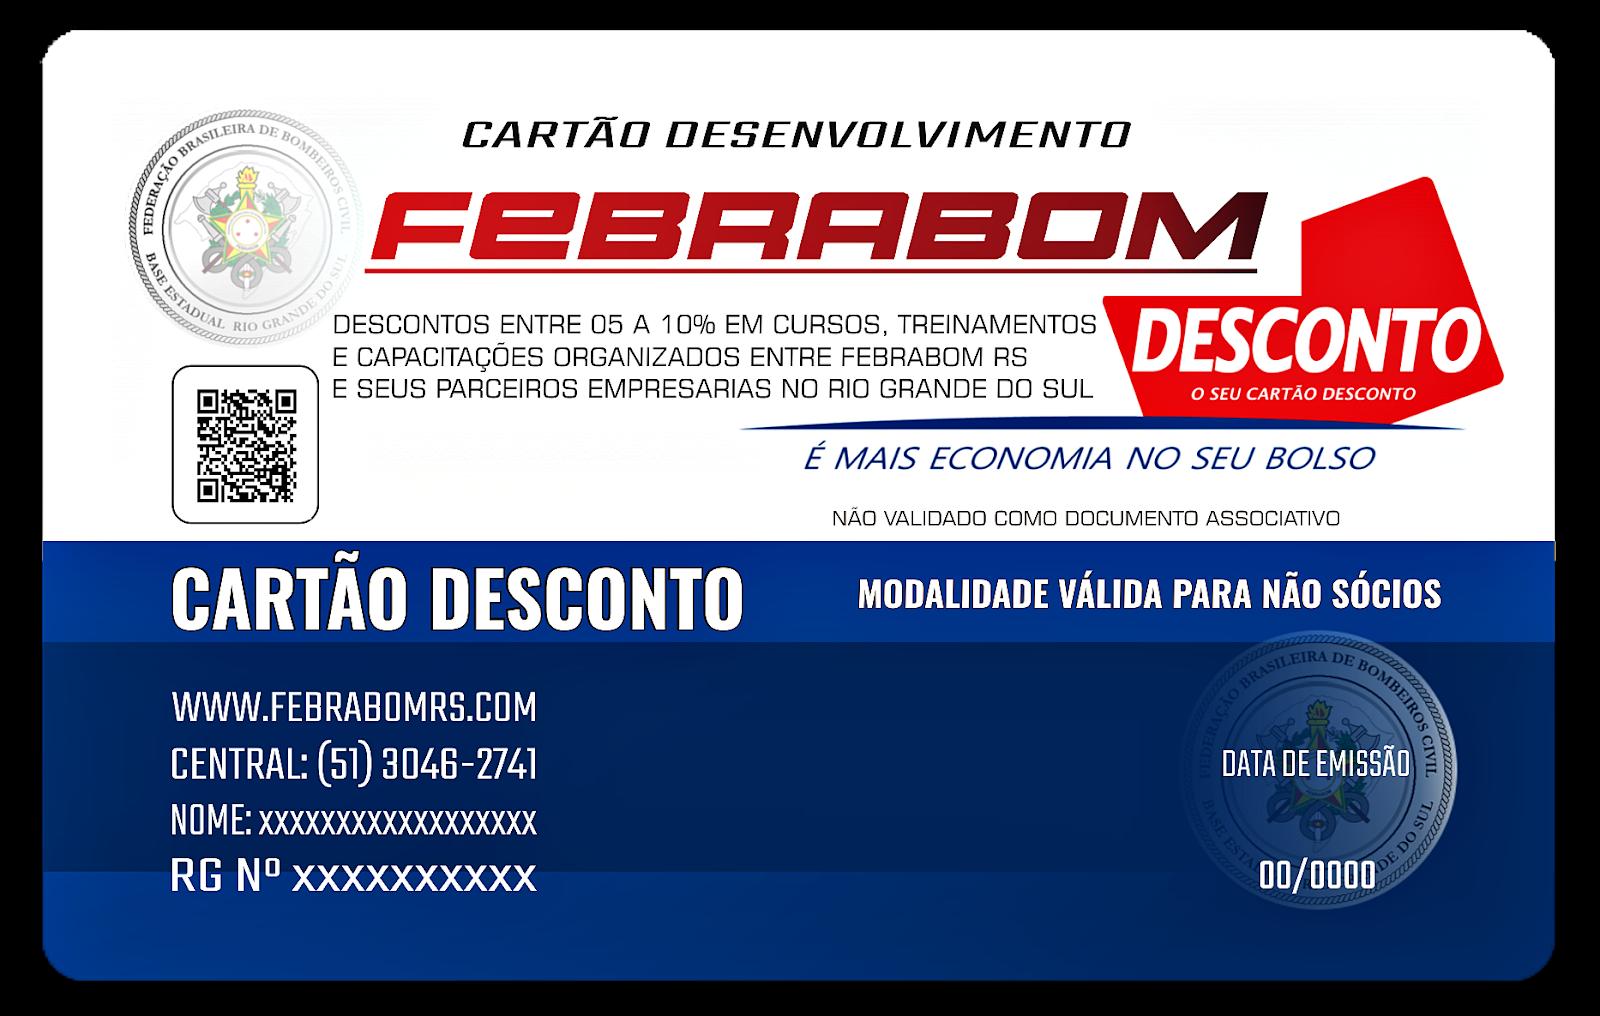 CARTÃO DESCONTOS DE FEBRABOM RS